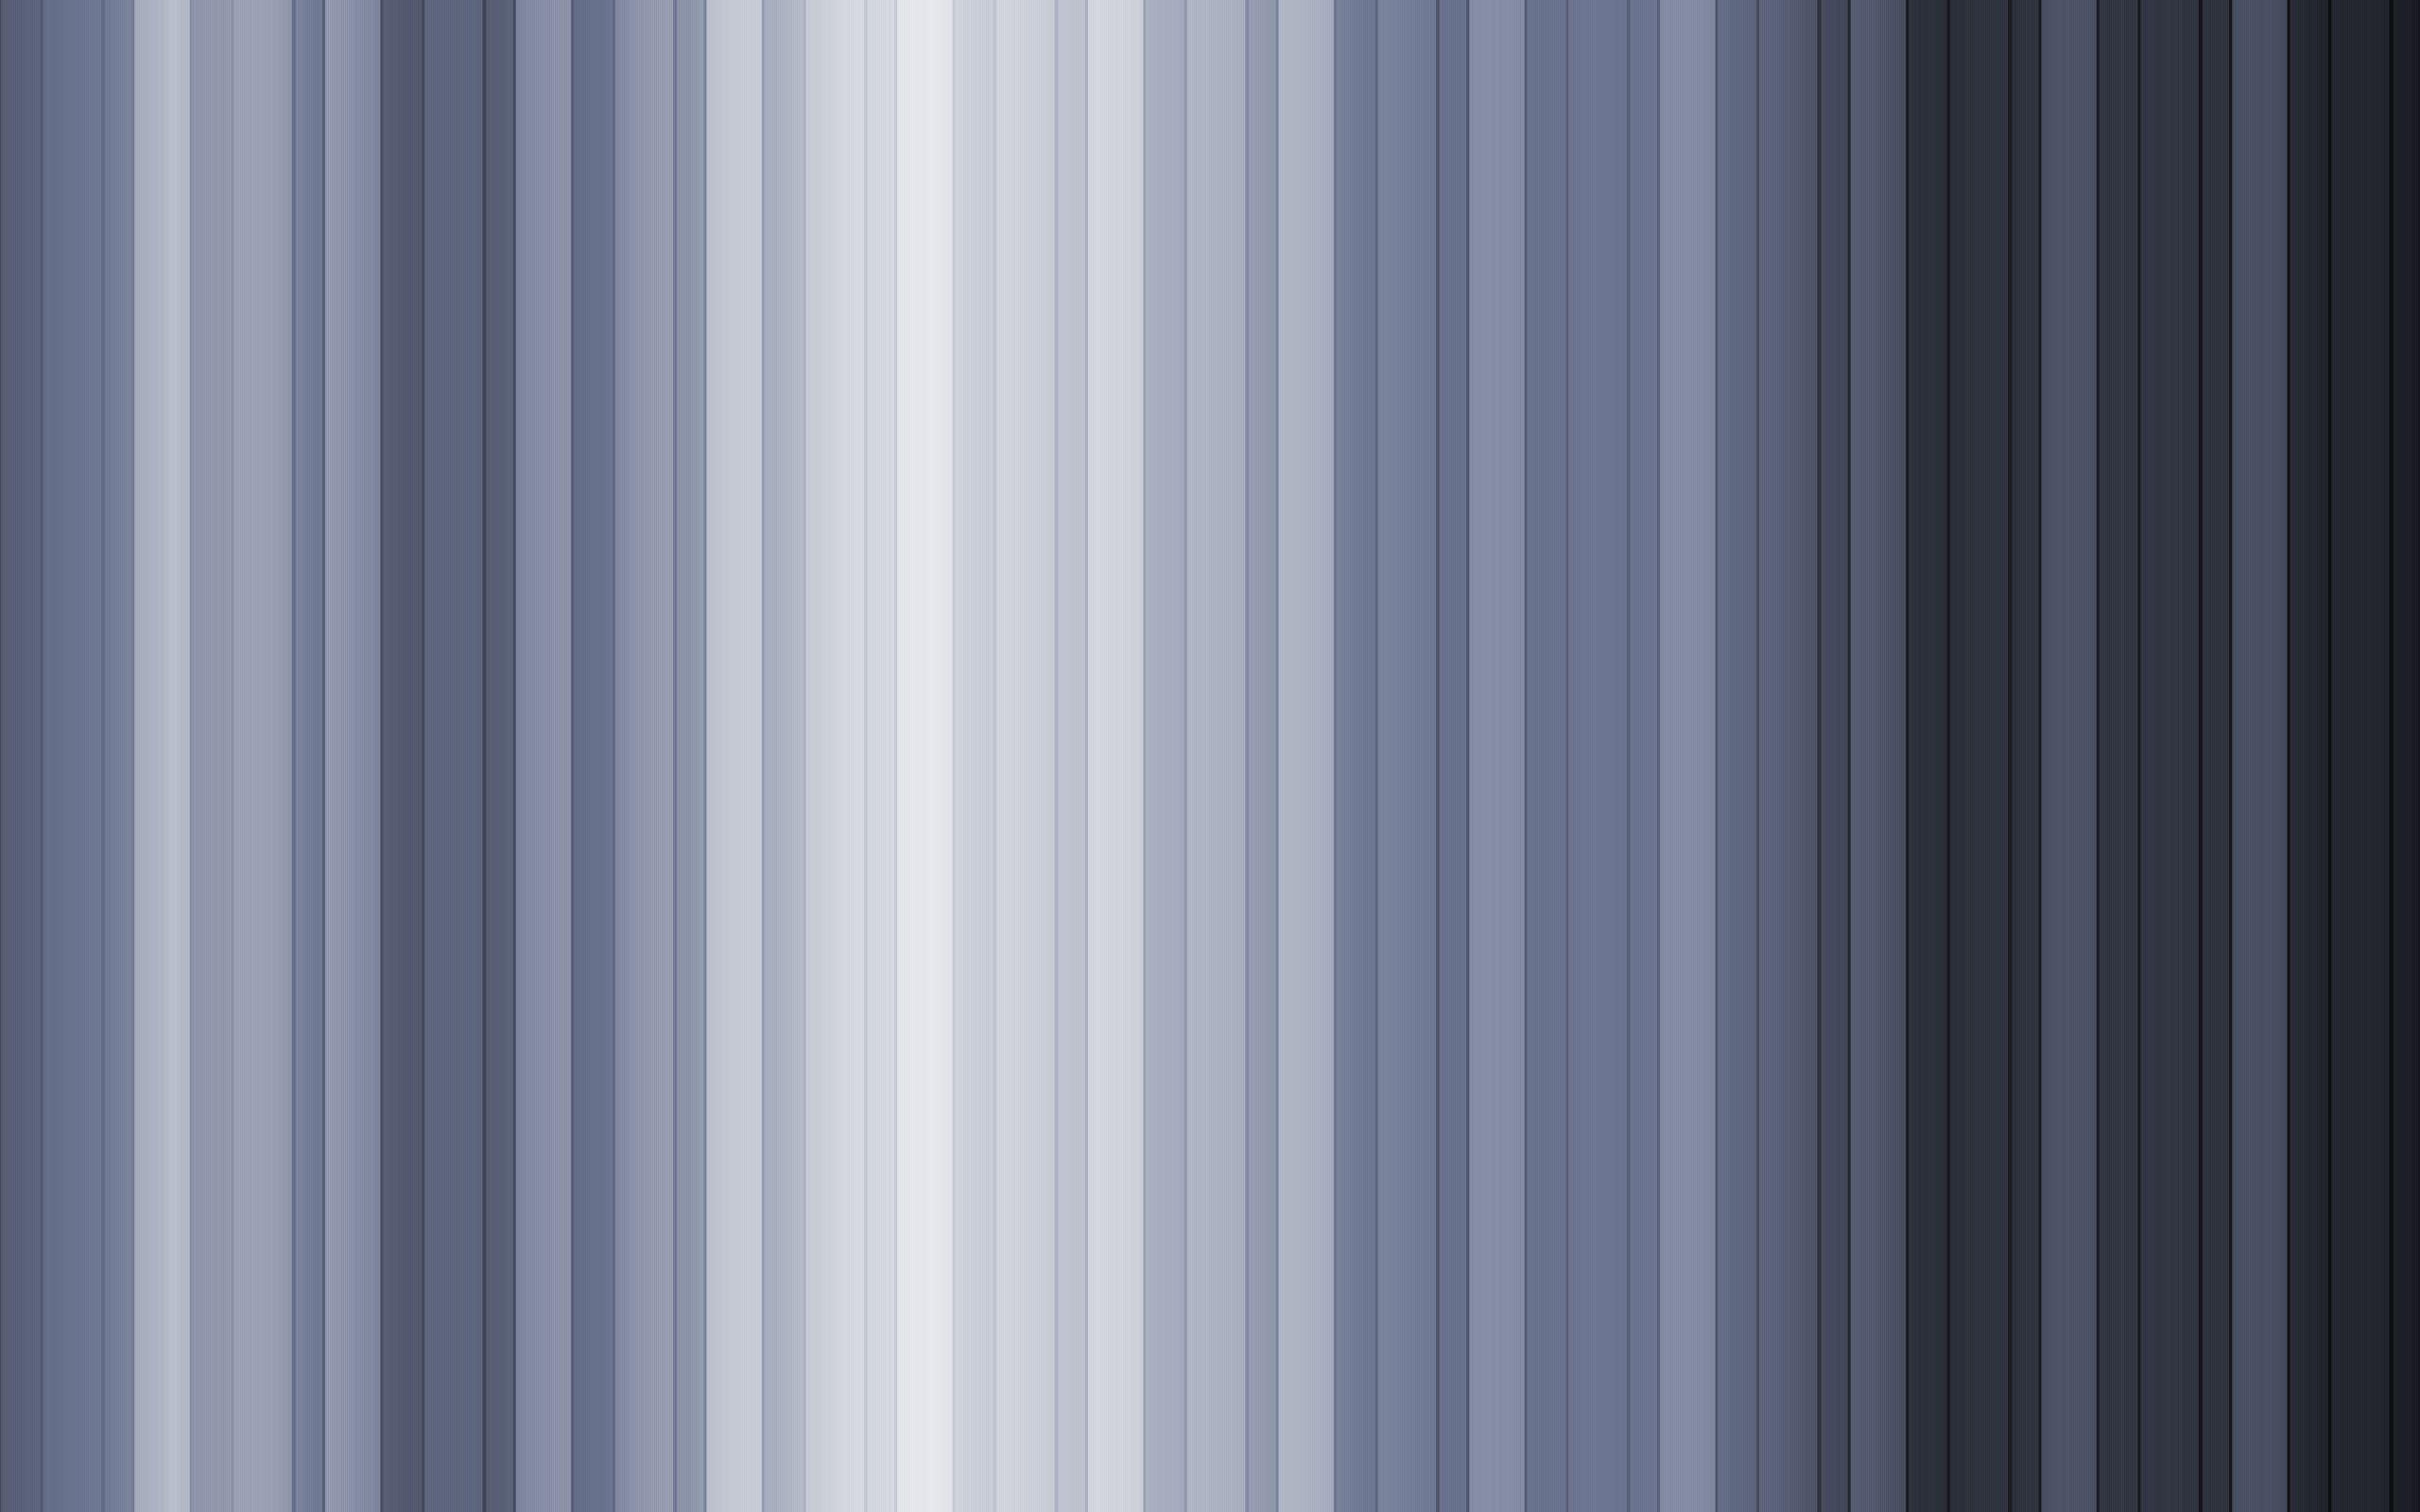 81205 скачать обои Текстуры, Линии, Светлый, Фон, Текстура - заставки и картинки бесплатно